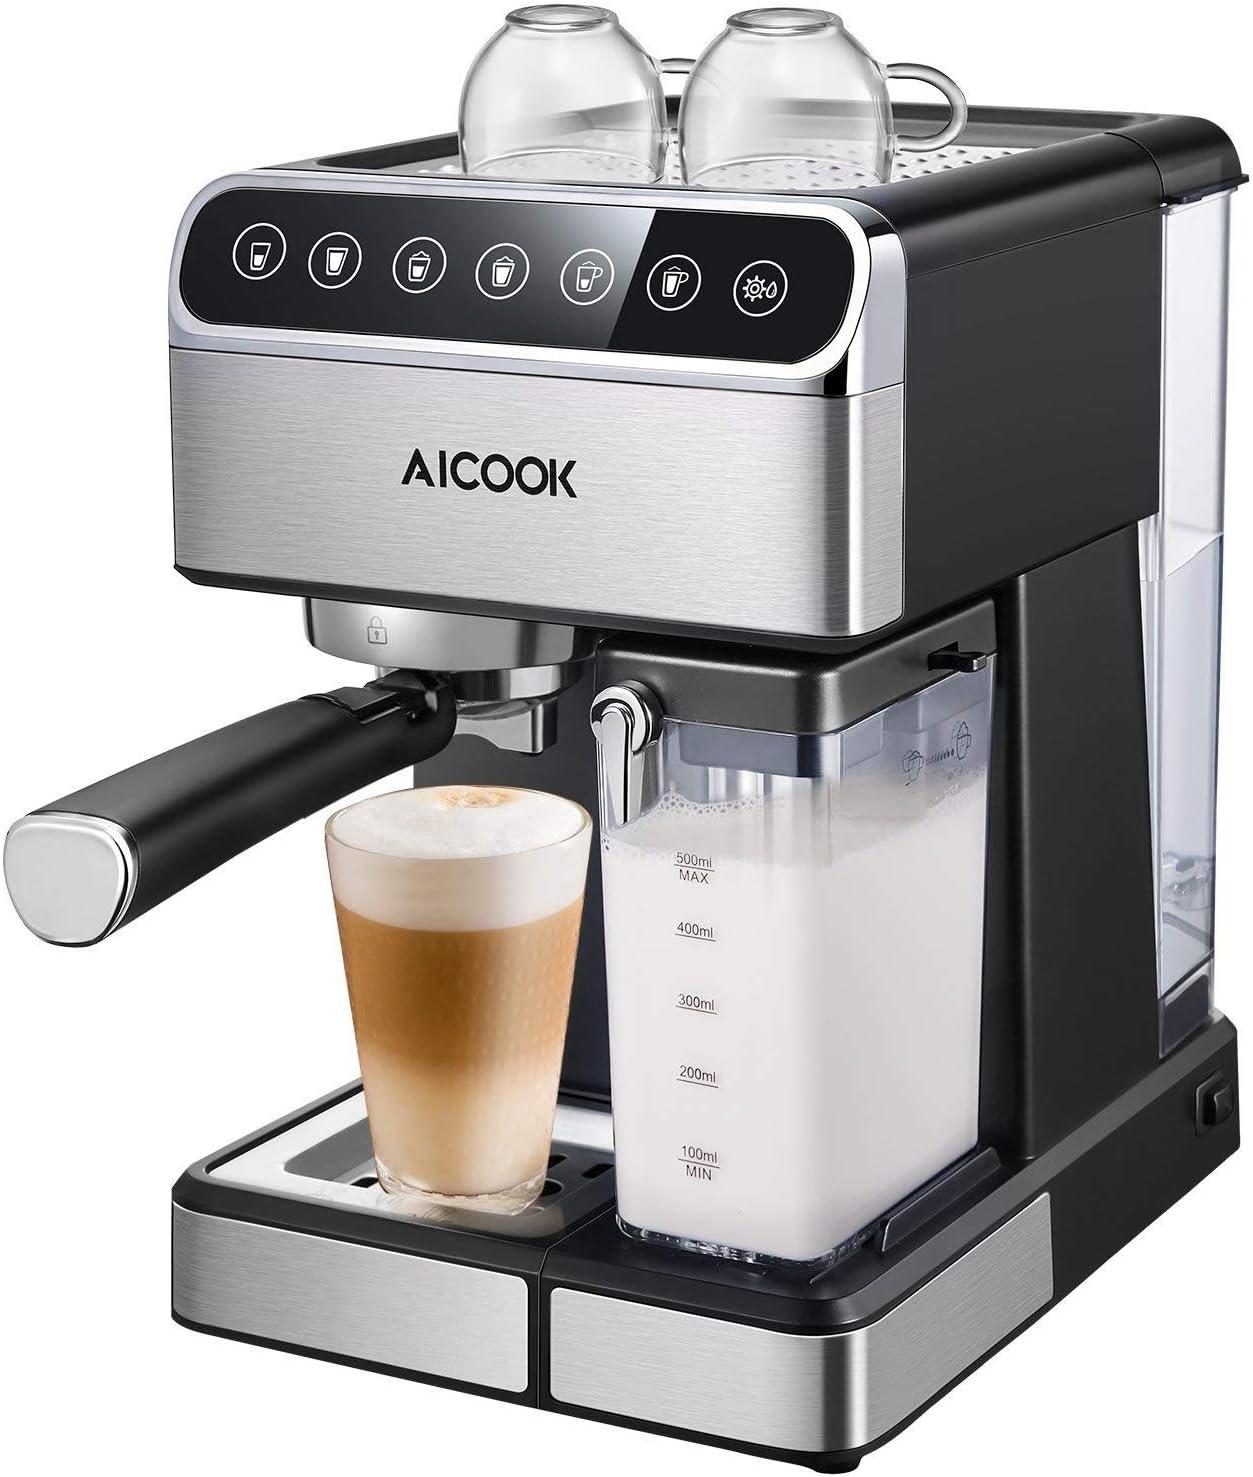 Aicok Cafetera Espresso 15 Bares, Cafetera Cappuccino y Latte, Boquilla de Espuma de Leche Profesional | 1.5 L Tanque de Agua | Calentamiento Rápido | 2 Tazas Función | Todo Acero Inoxidable \ Plata: Amazon.es: Hogar